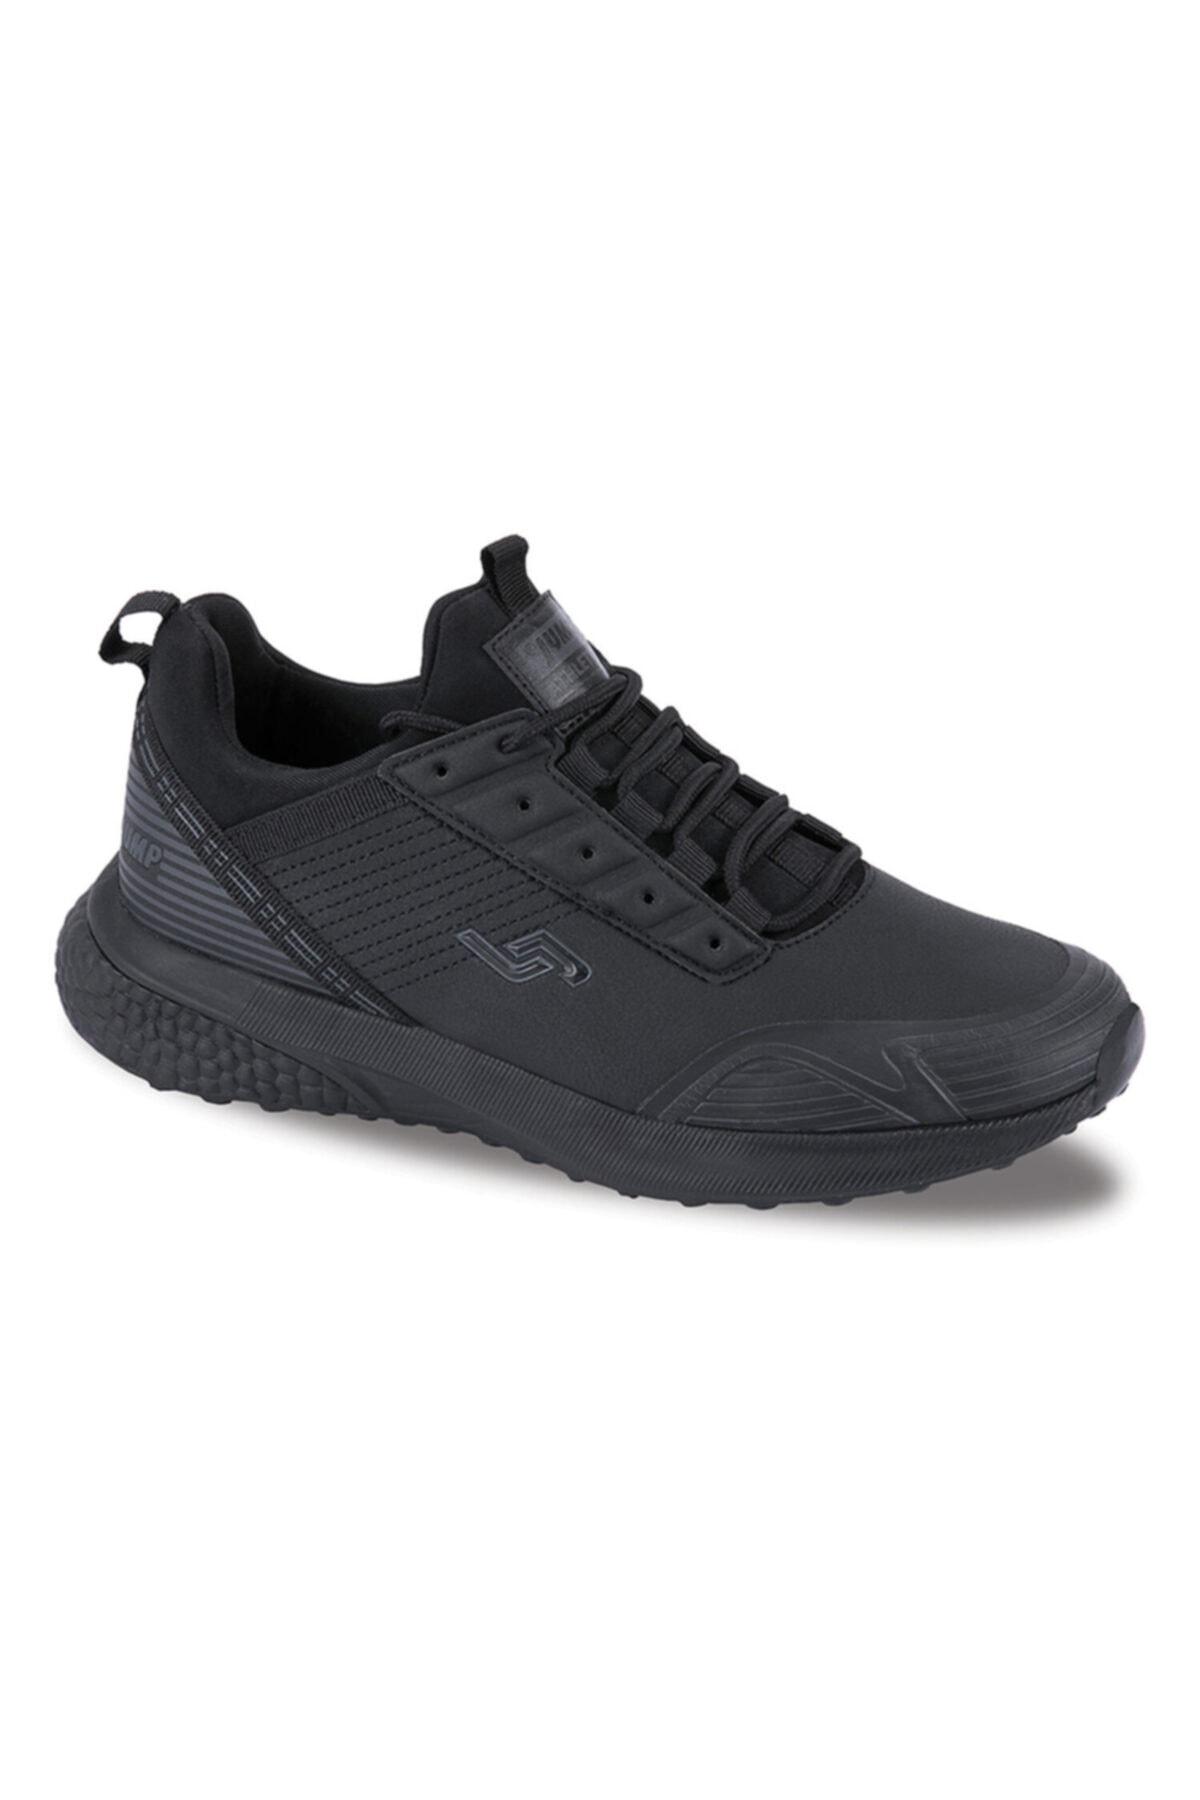 Jump Kadın Siyah Spor Ayakkabı  25750 1